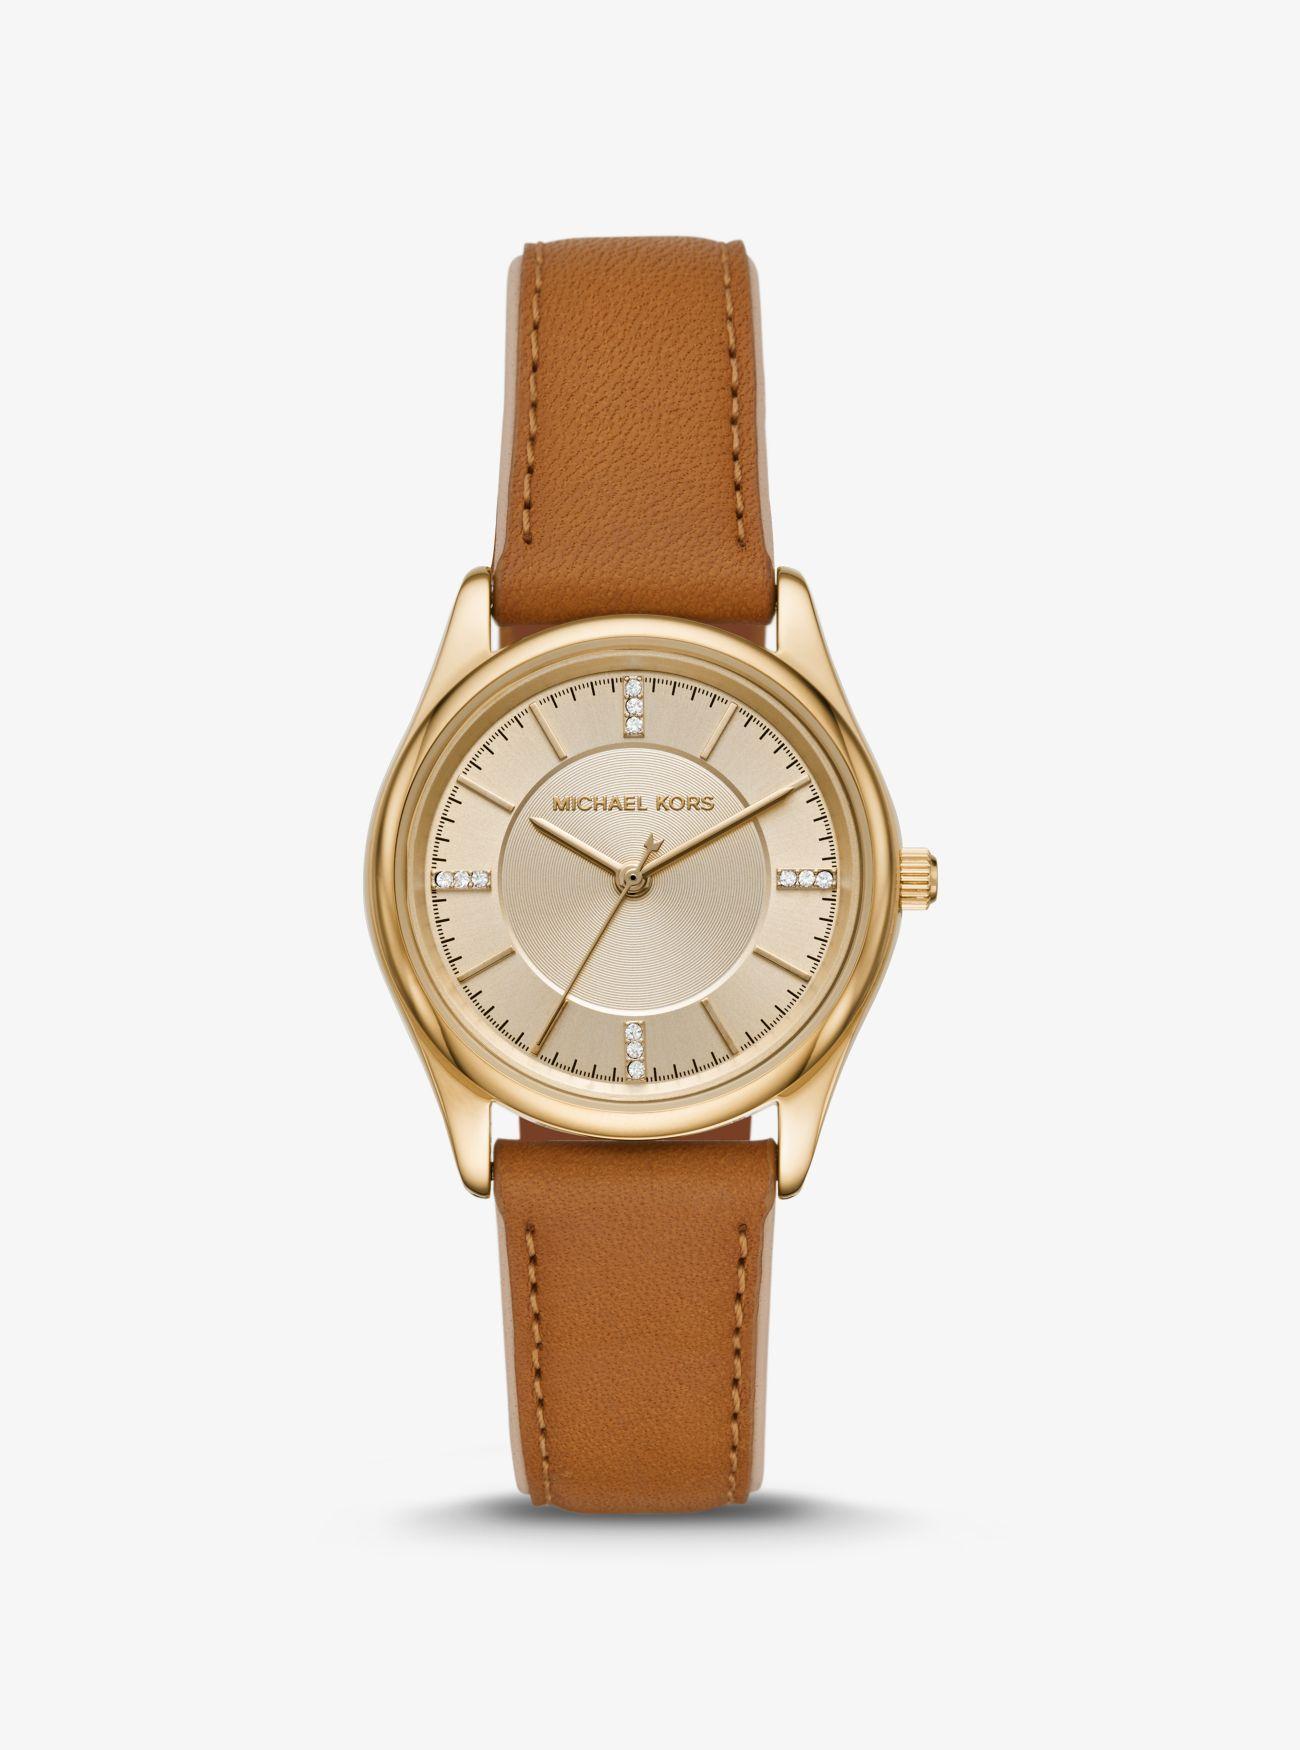 Kors Color Metálico En Colette Dorado Piel Tono Michael Reloj De Y6ymI7gvbf